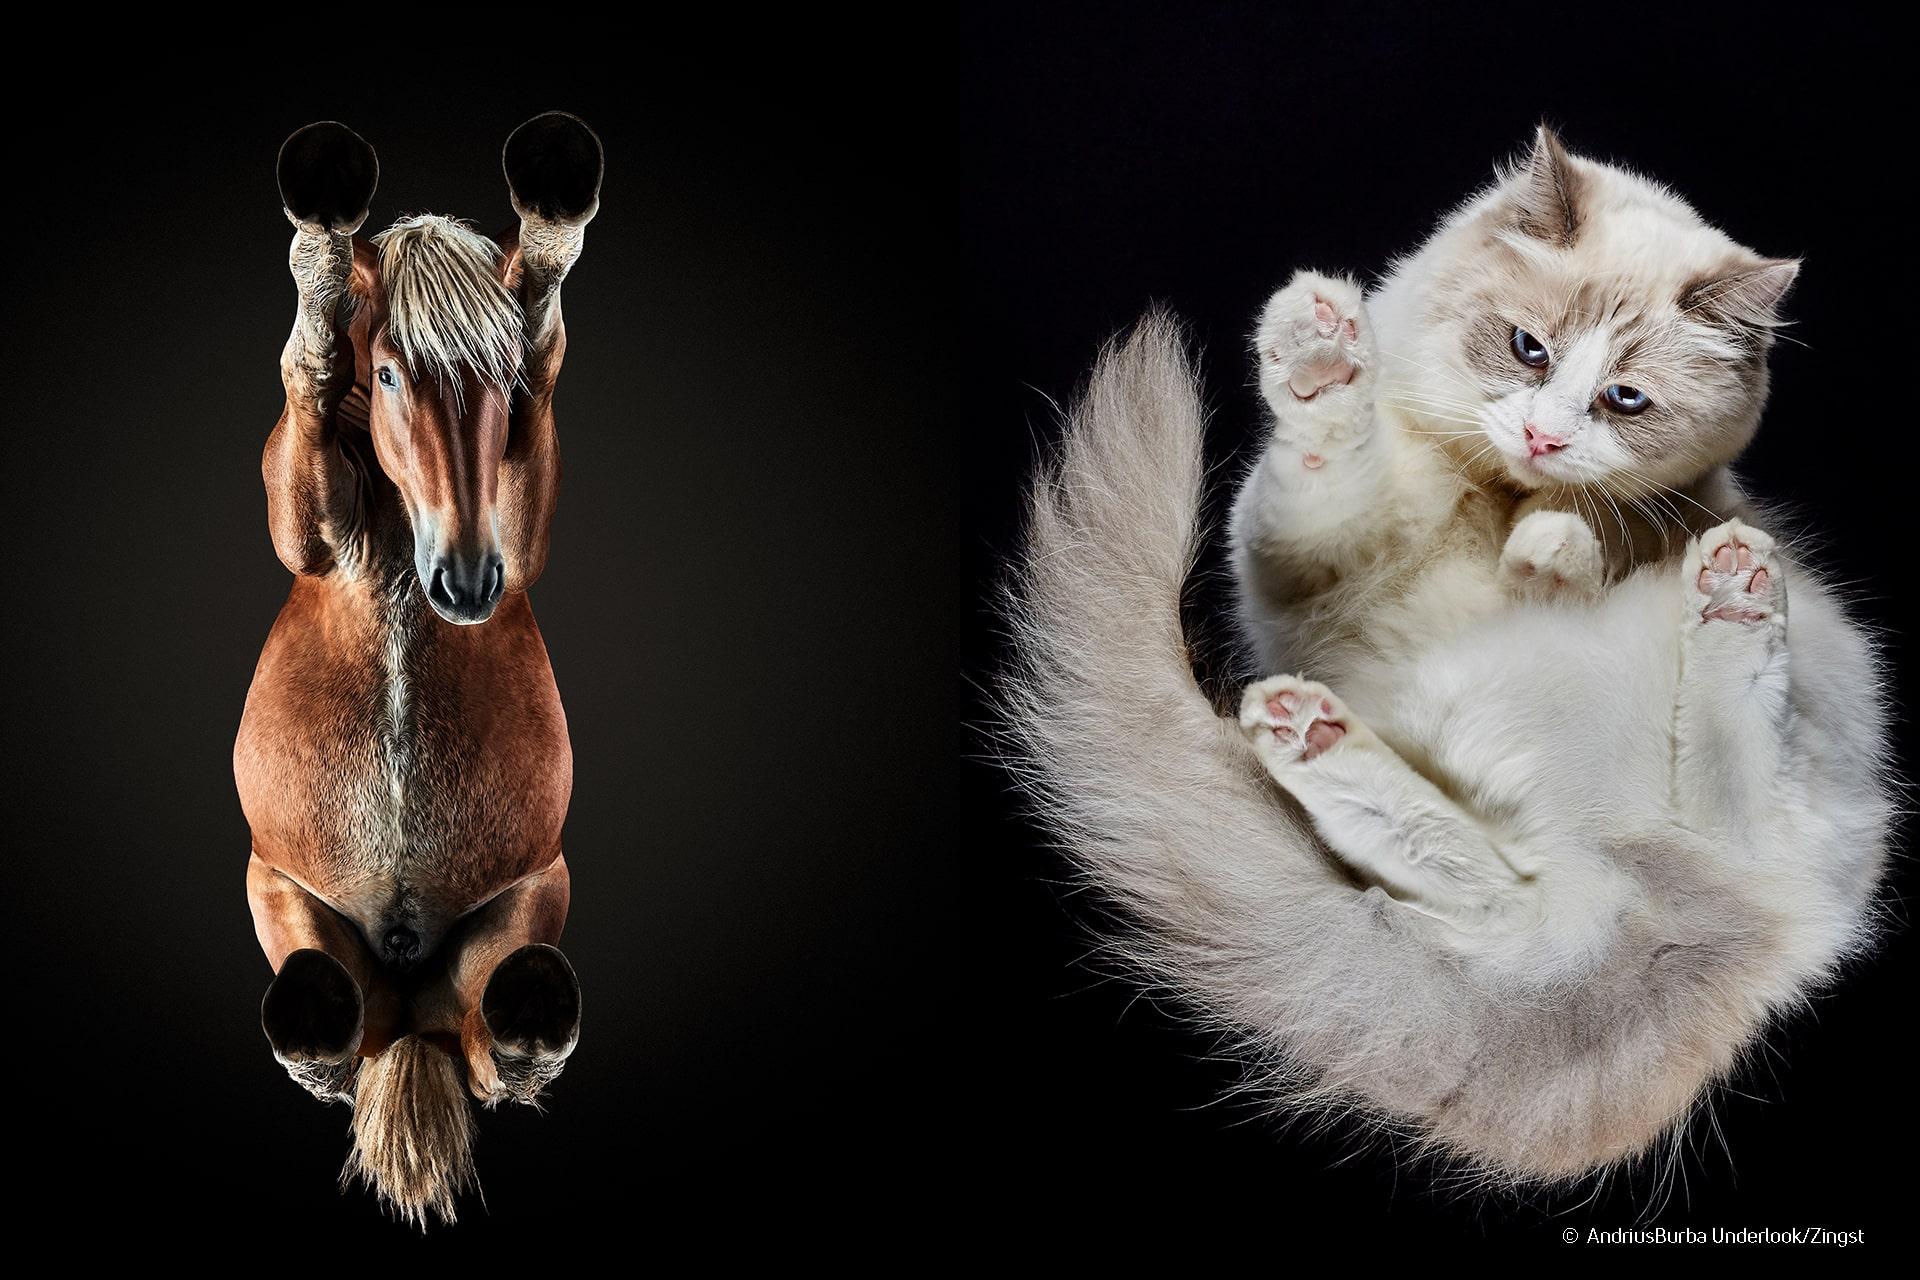 Underlook Andrius Burba Tierfotografie